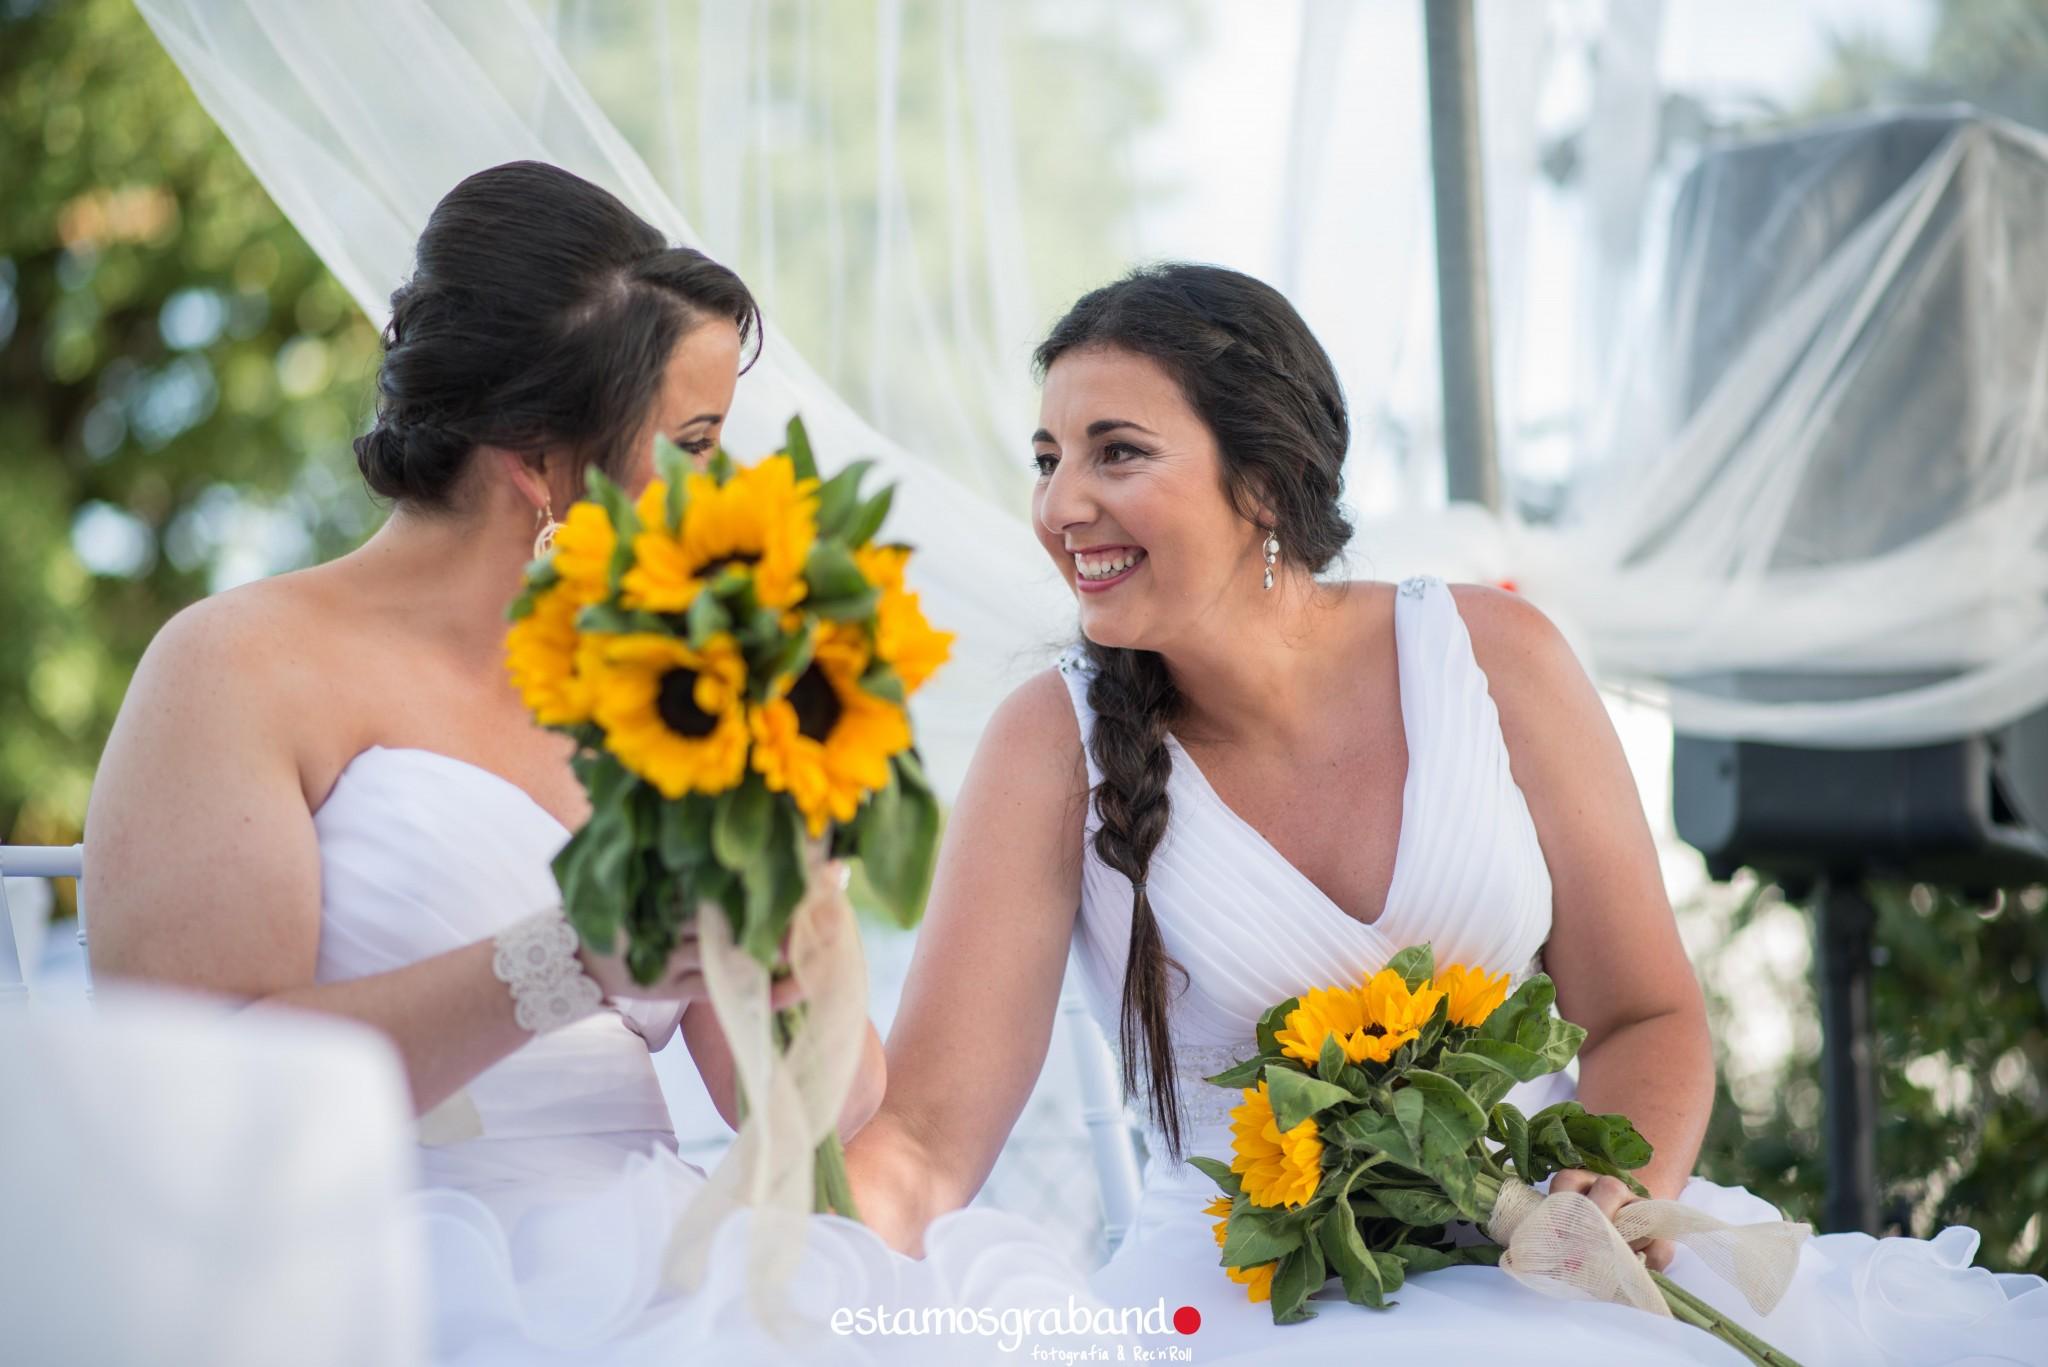 Cris-Rebeca-24 Fotografía de Boda, Rebeca & Cristina - video boda cadiz